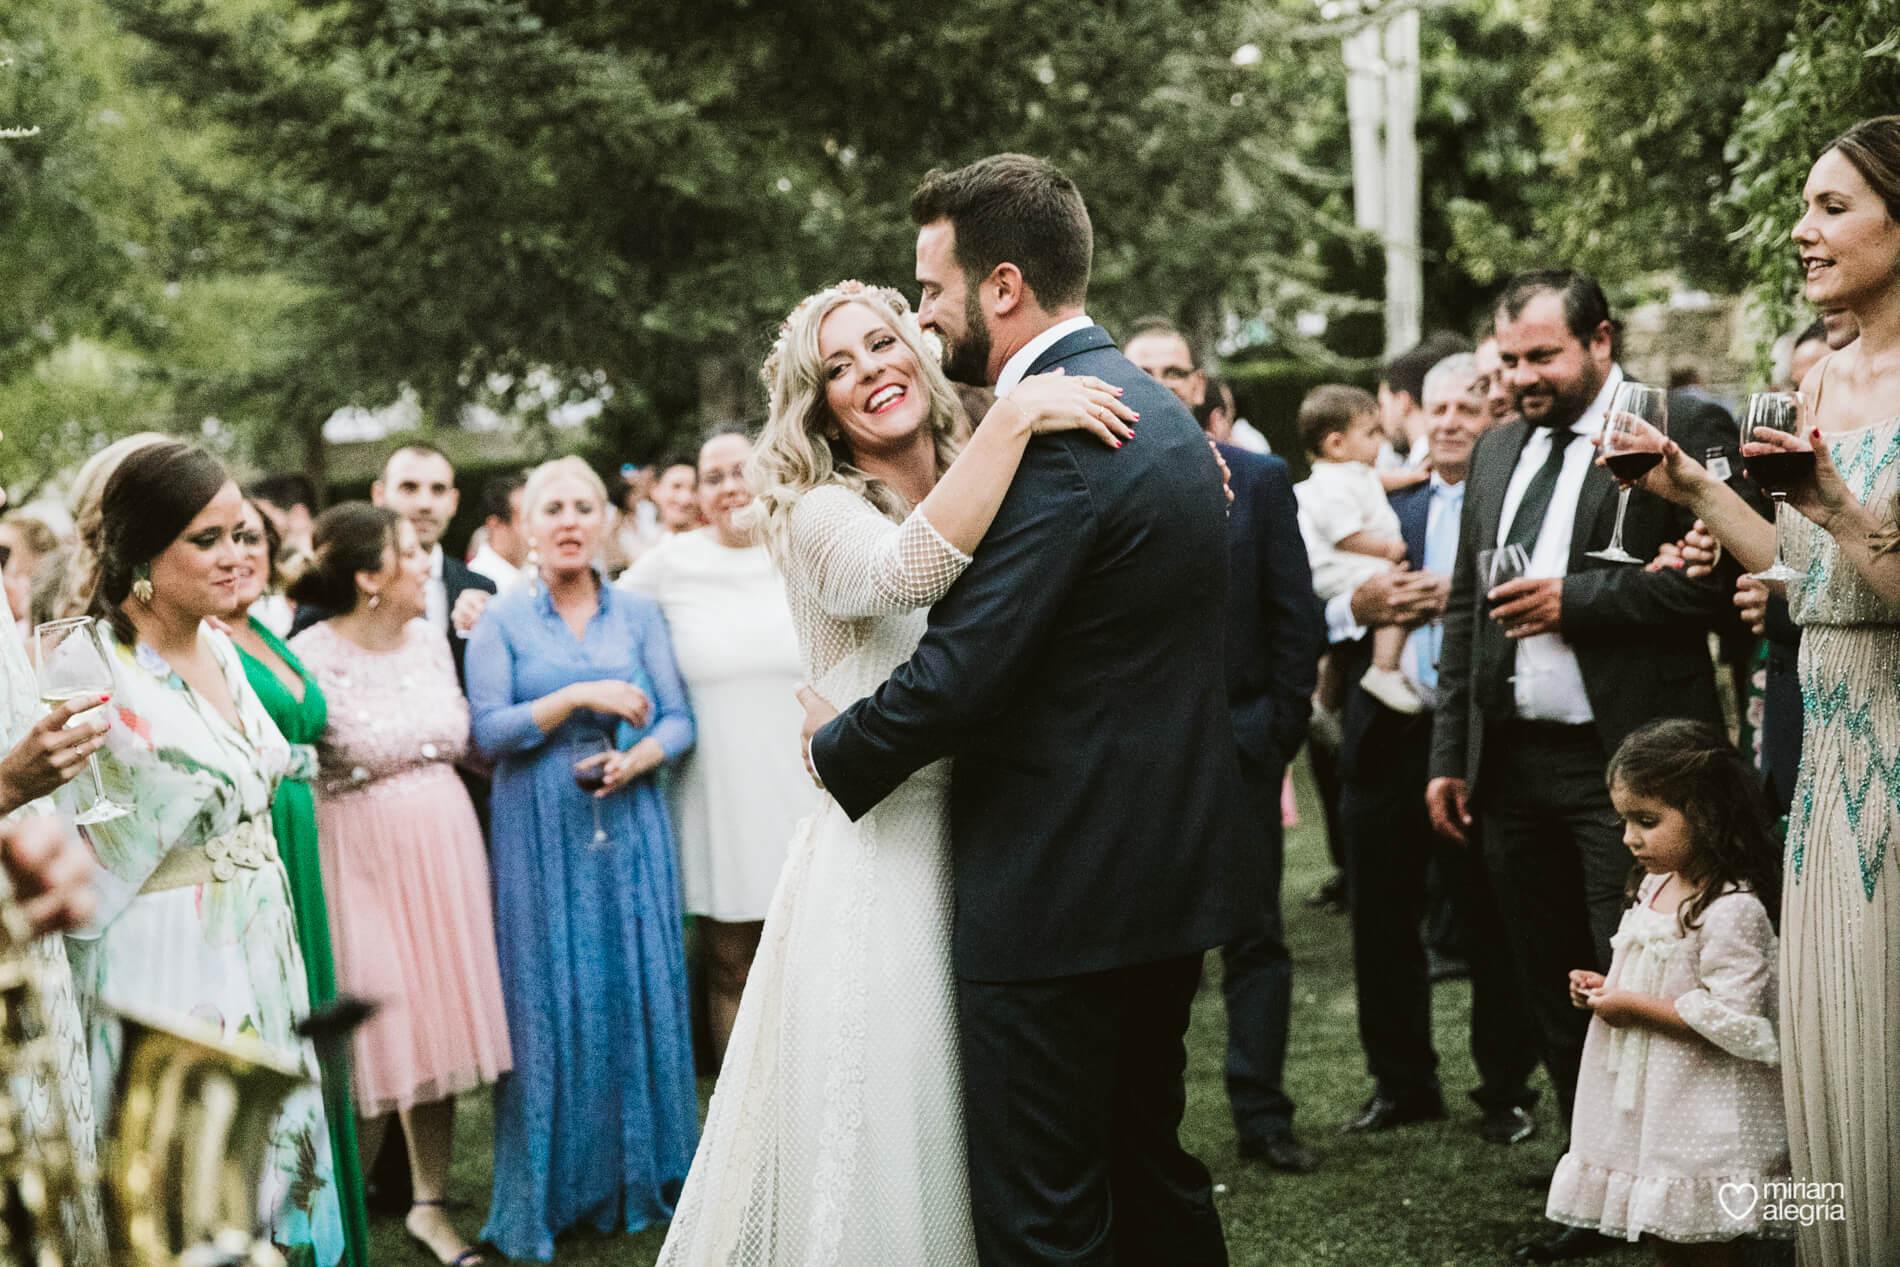 boda-en-collados-miriam-alegria-cayetana-ferrer-103